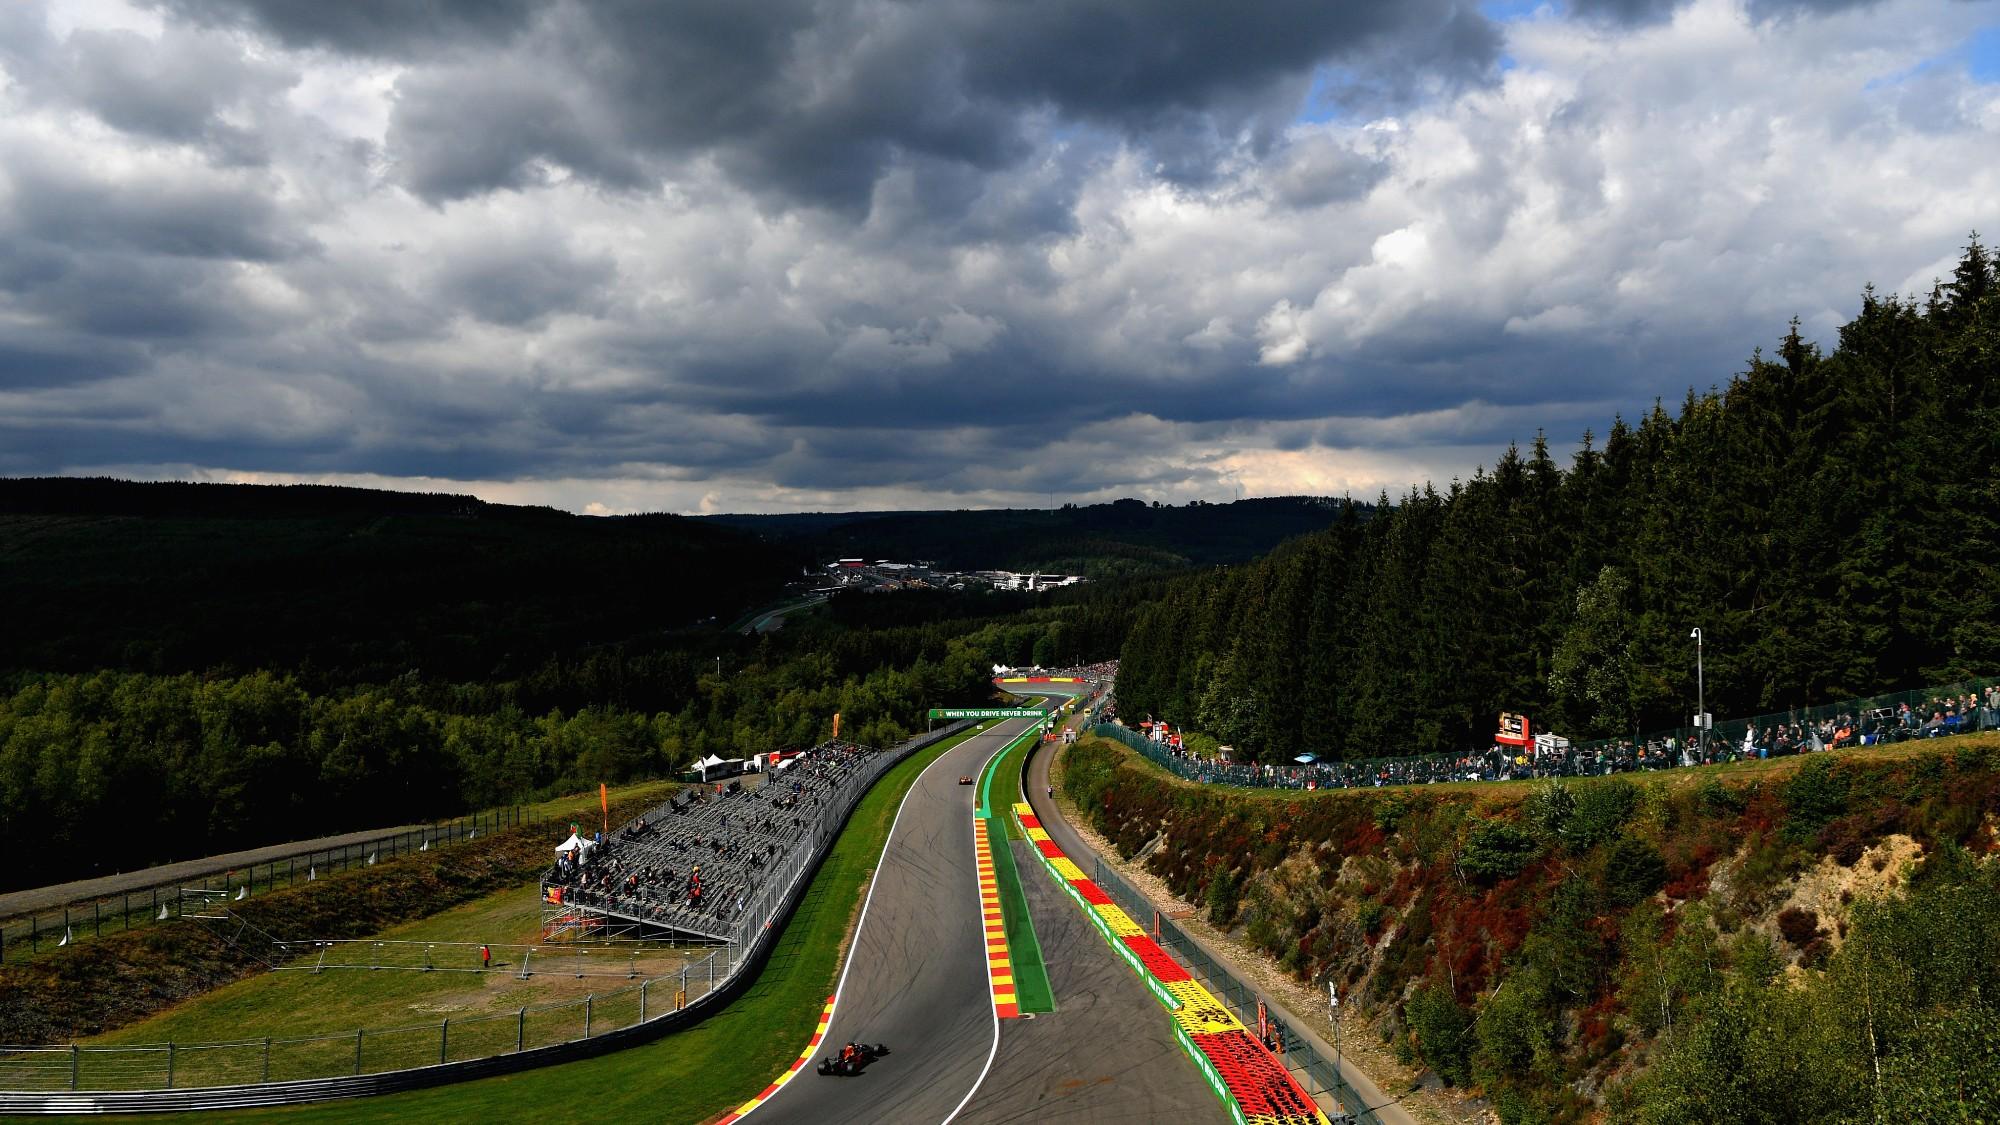 Spa Francorchamps, F1 2017